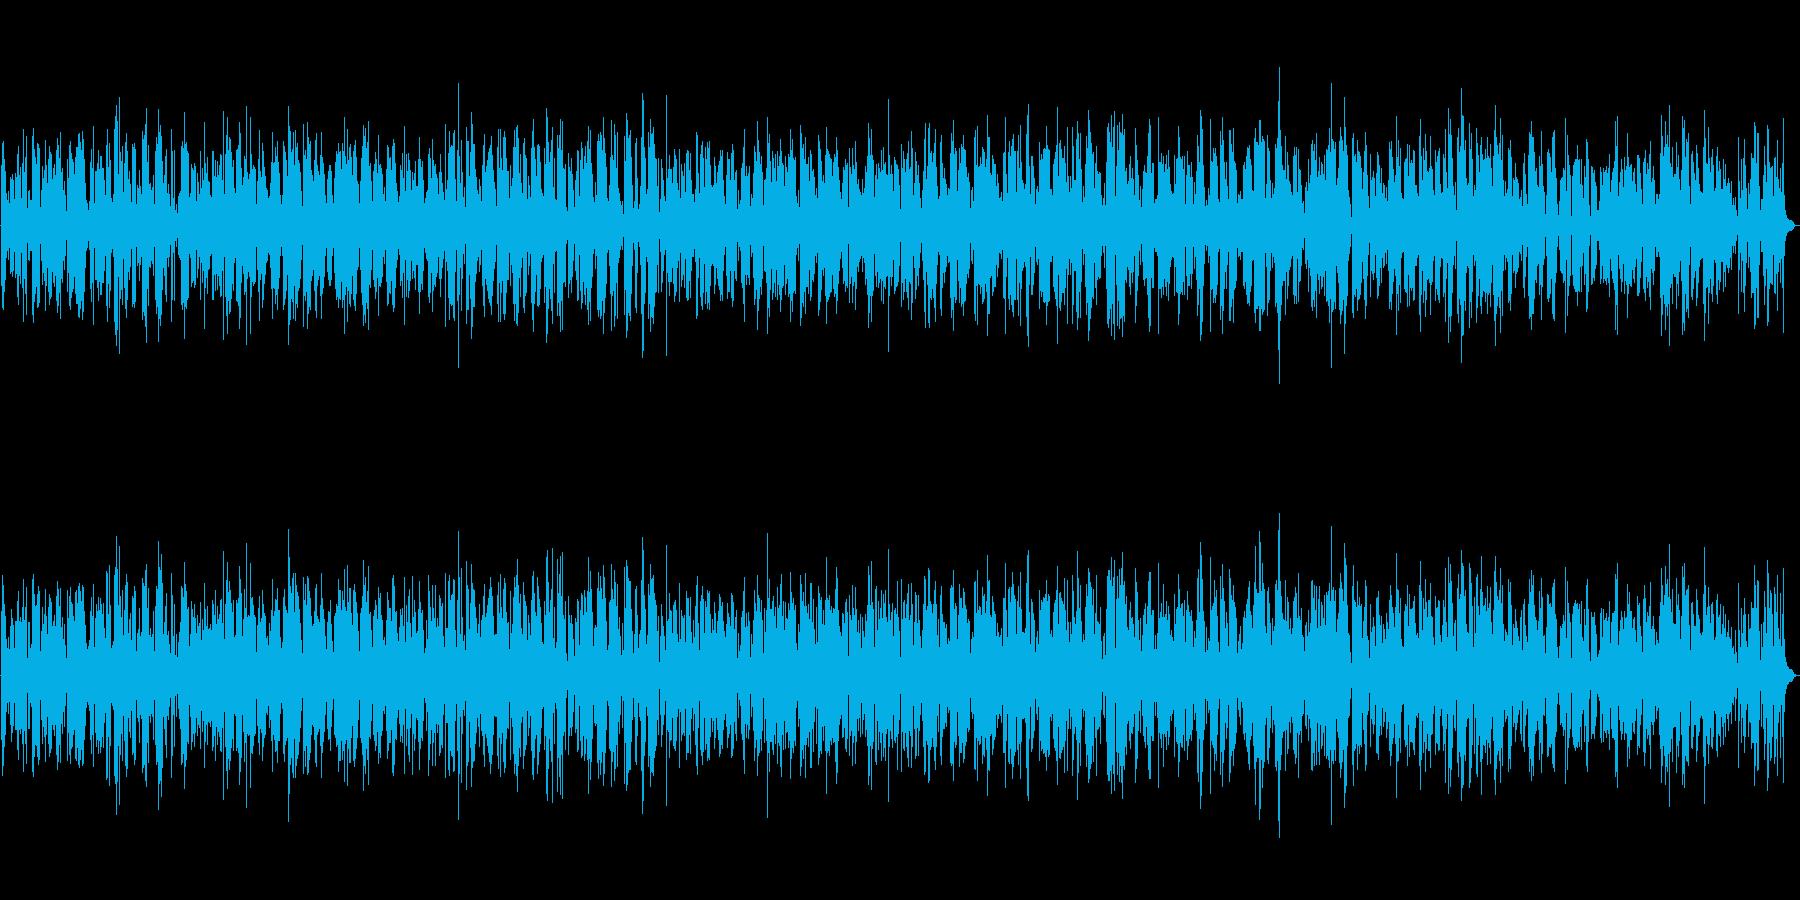 BARでやさしく流れるジャズバラードの再生済みの波形